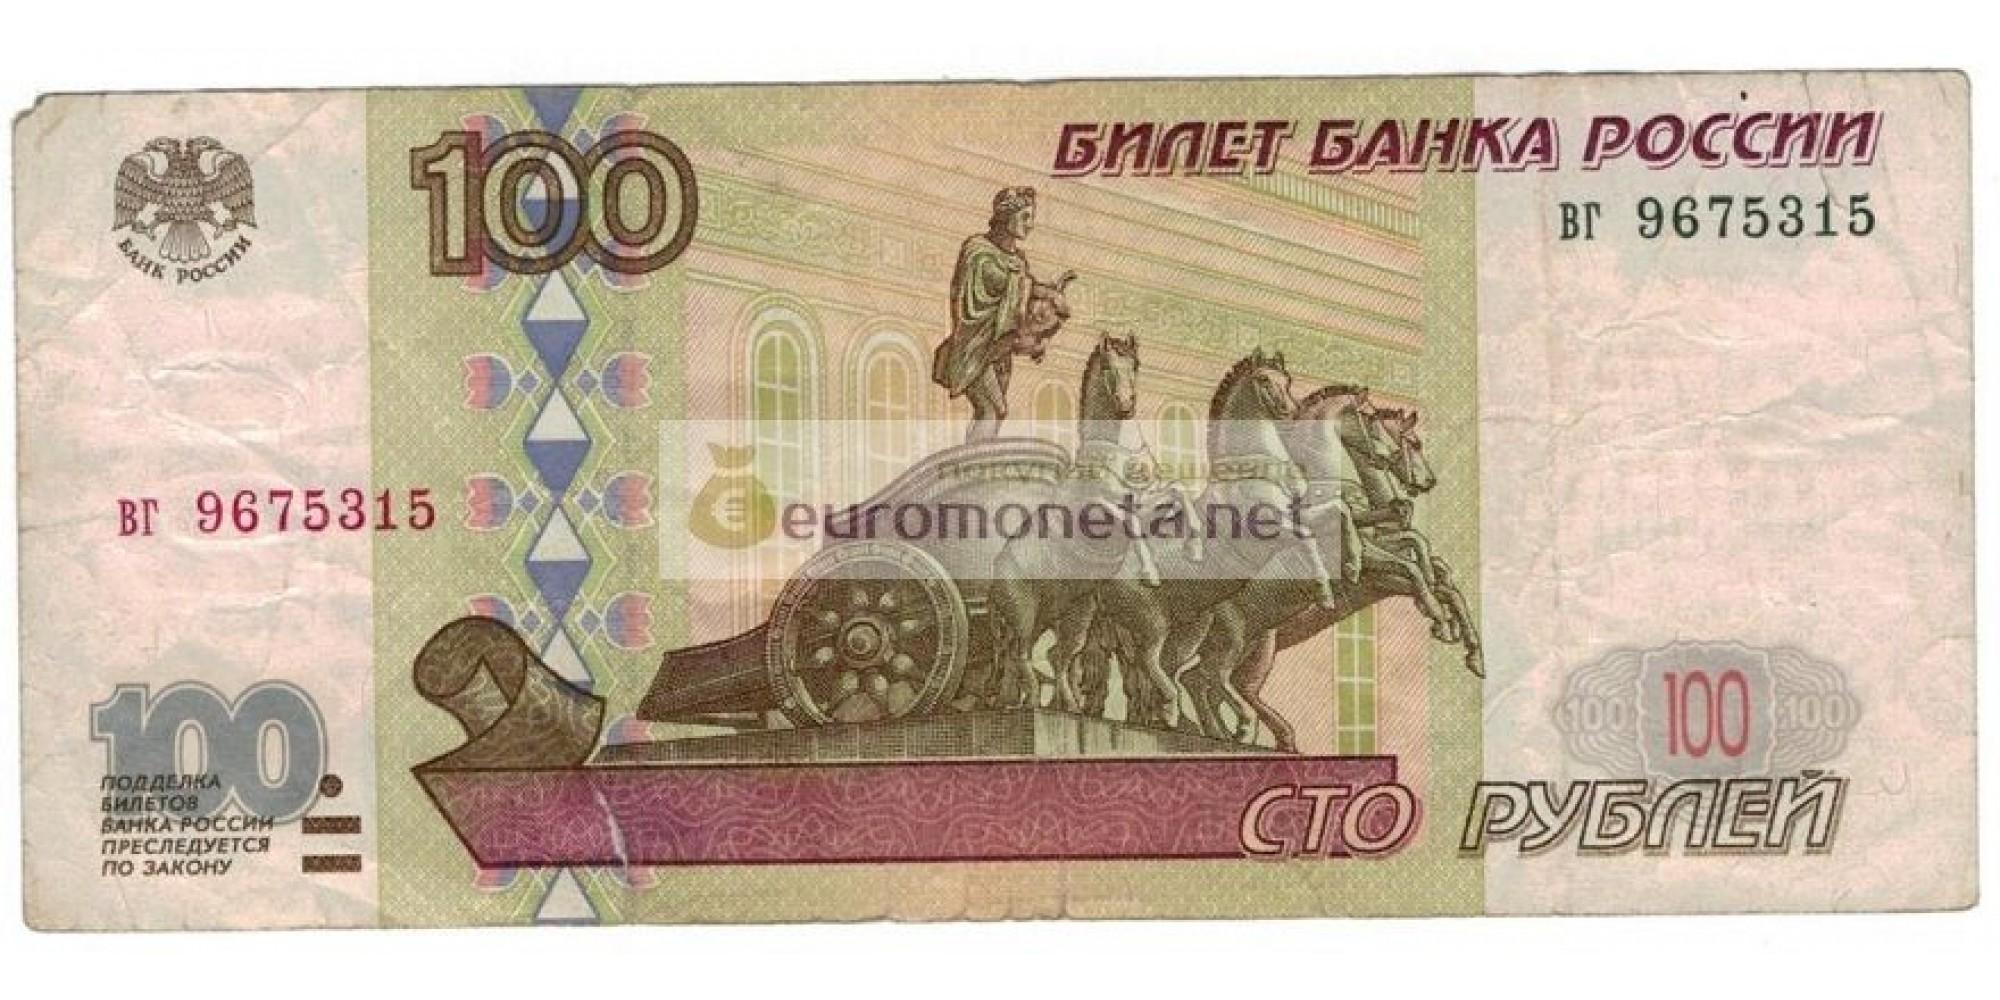 Россия 100 рублей 1997 год без модификации серия вг 9675315